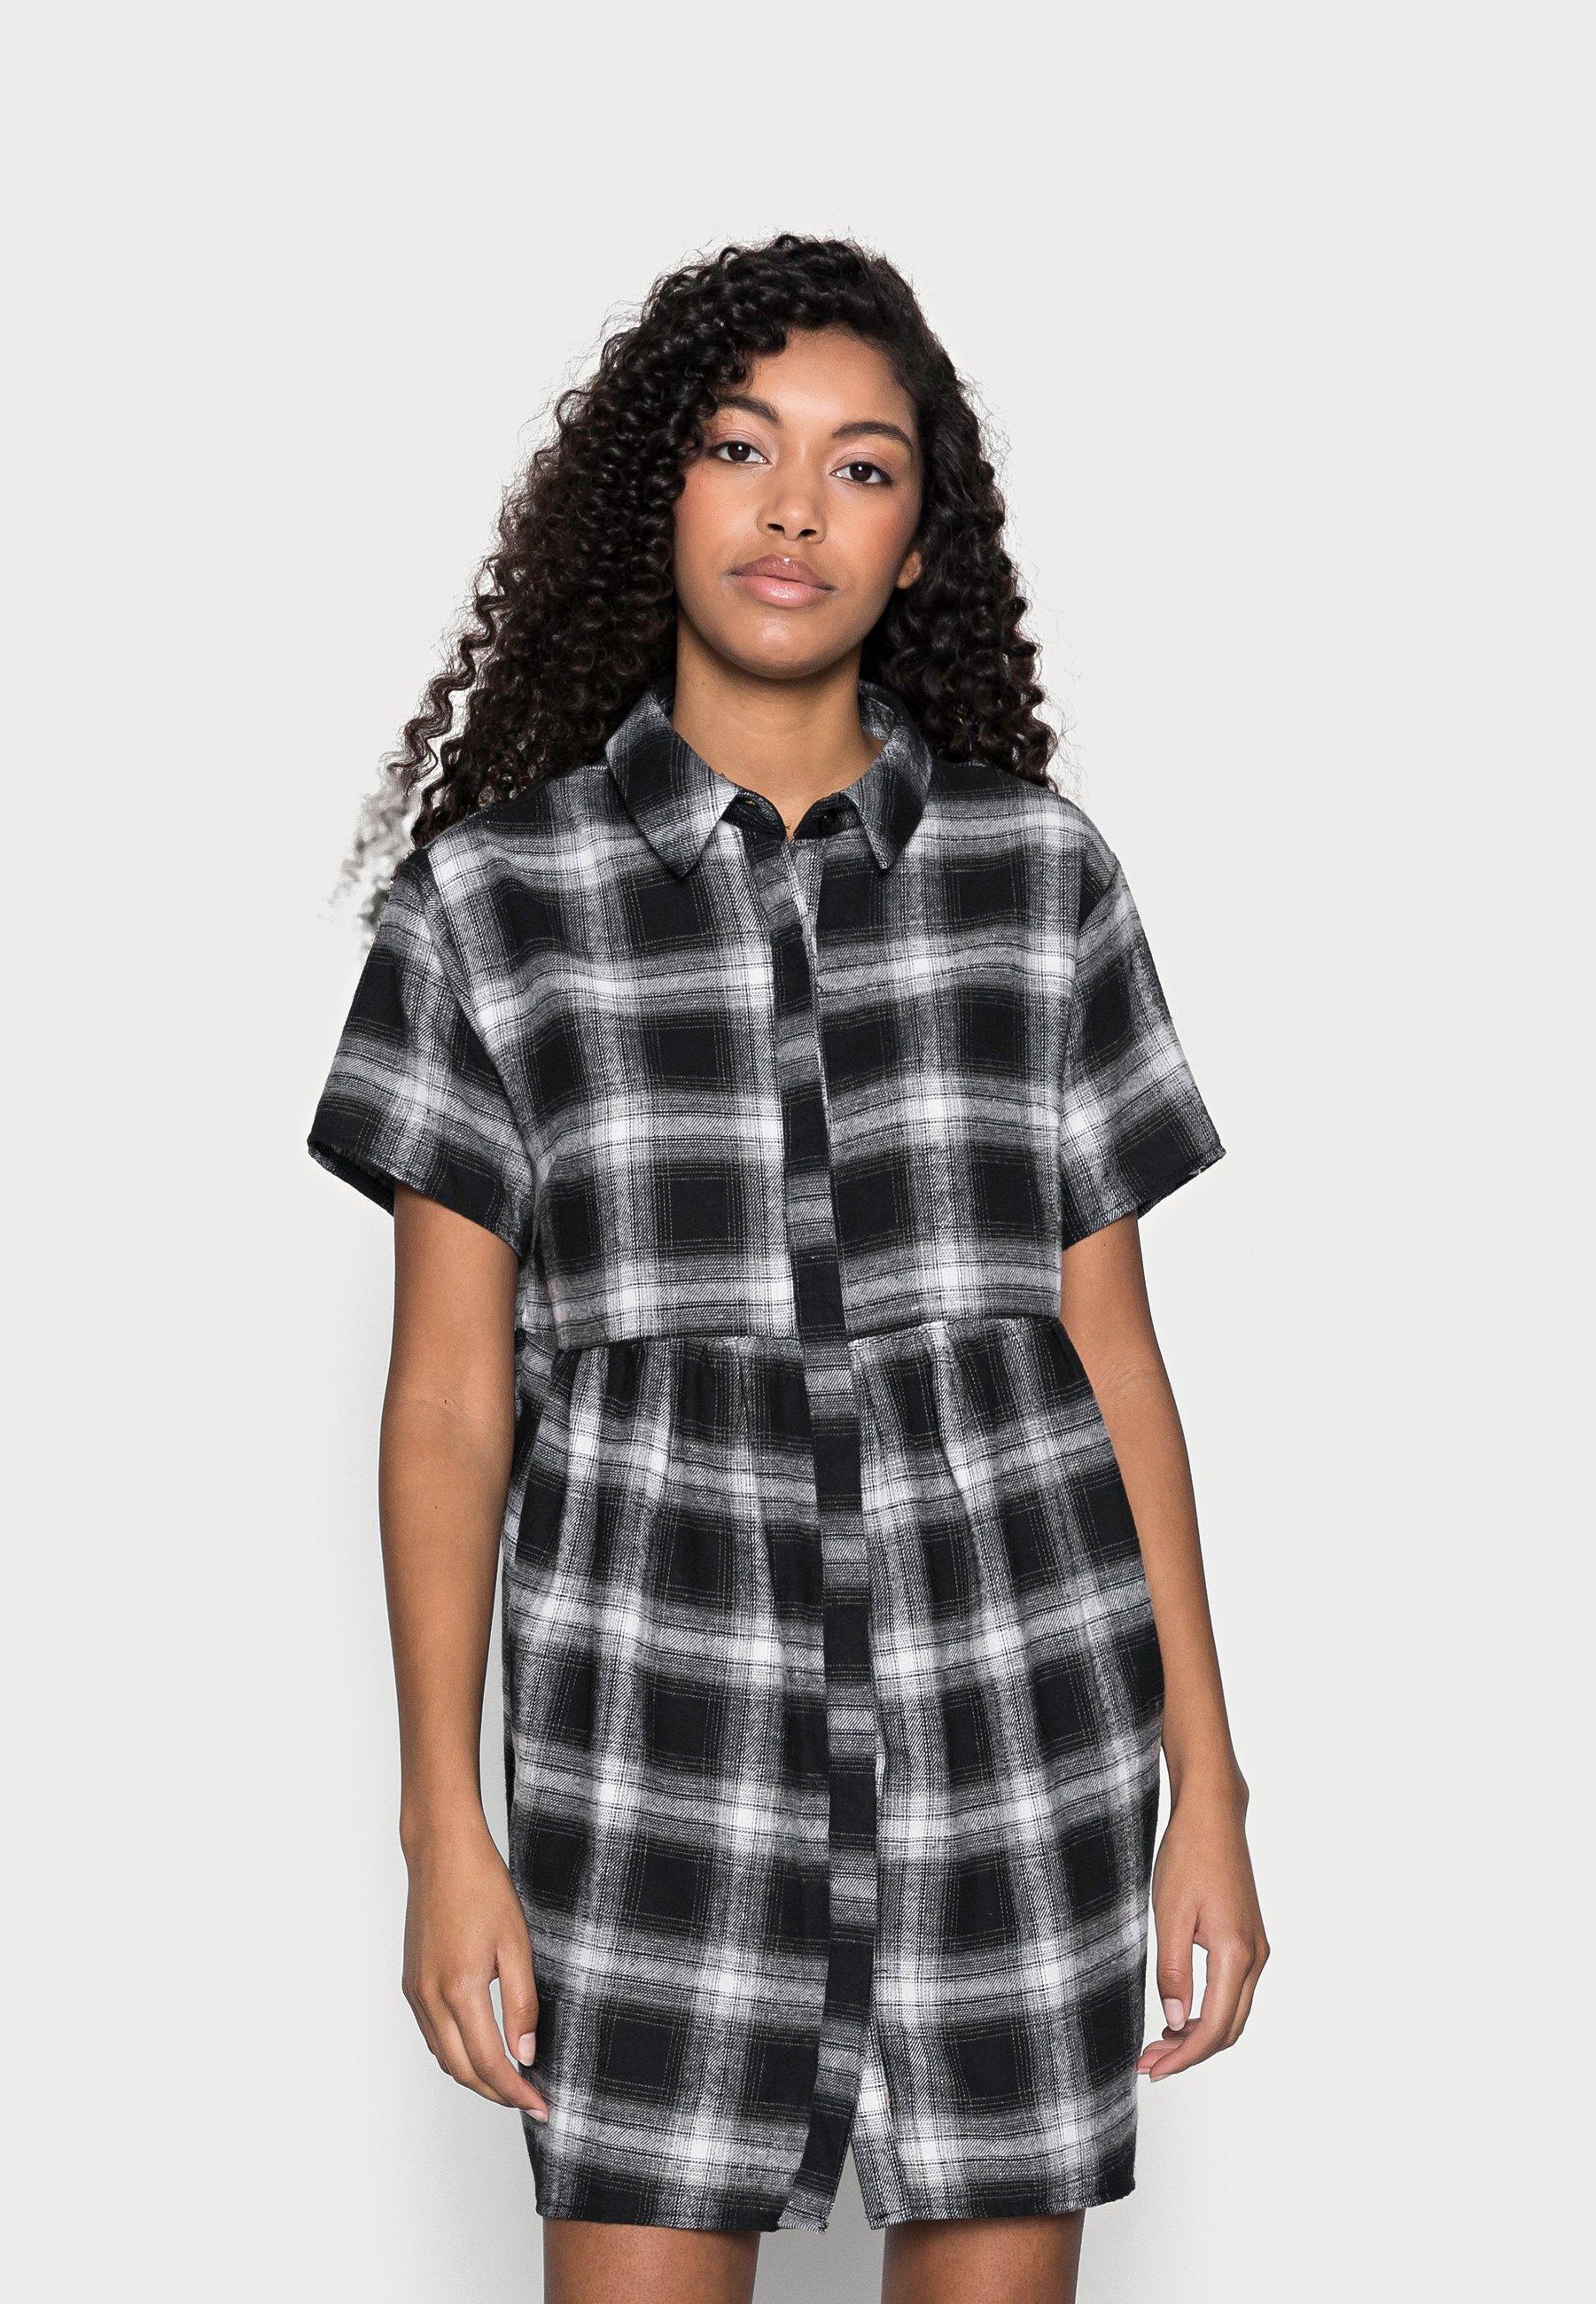 Donna SMOCK DRESS CHECK - Abito a camicia